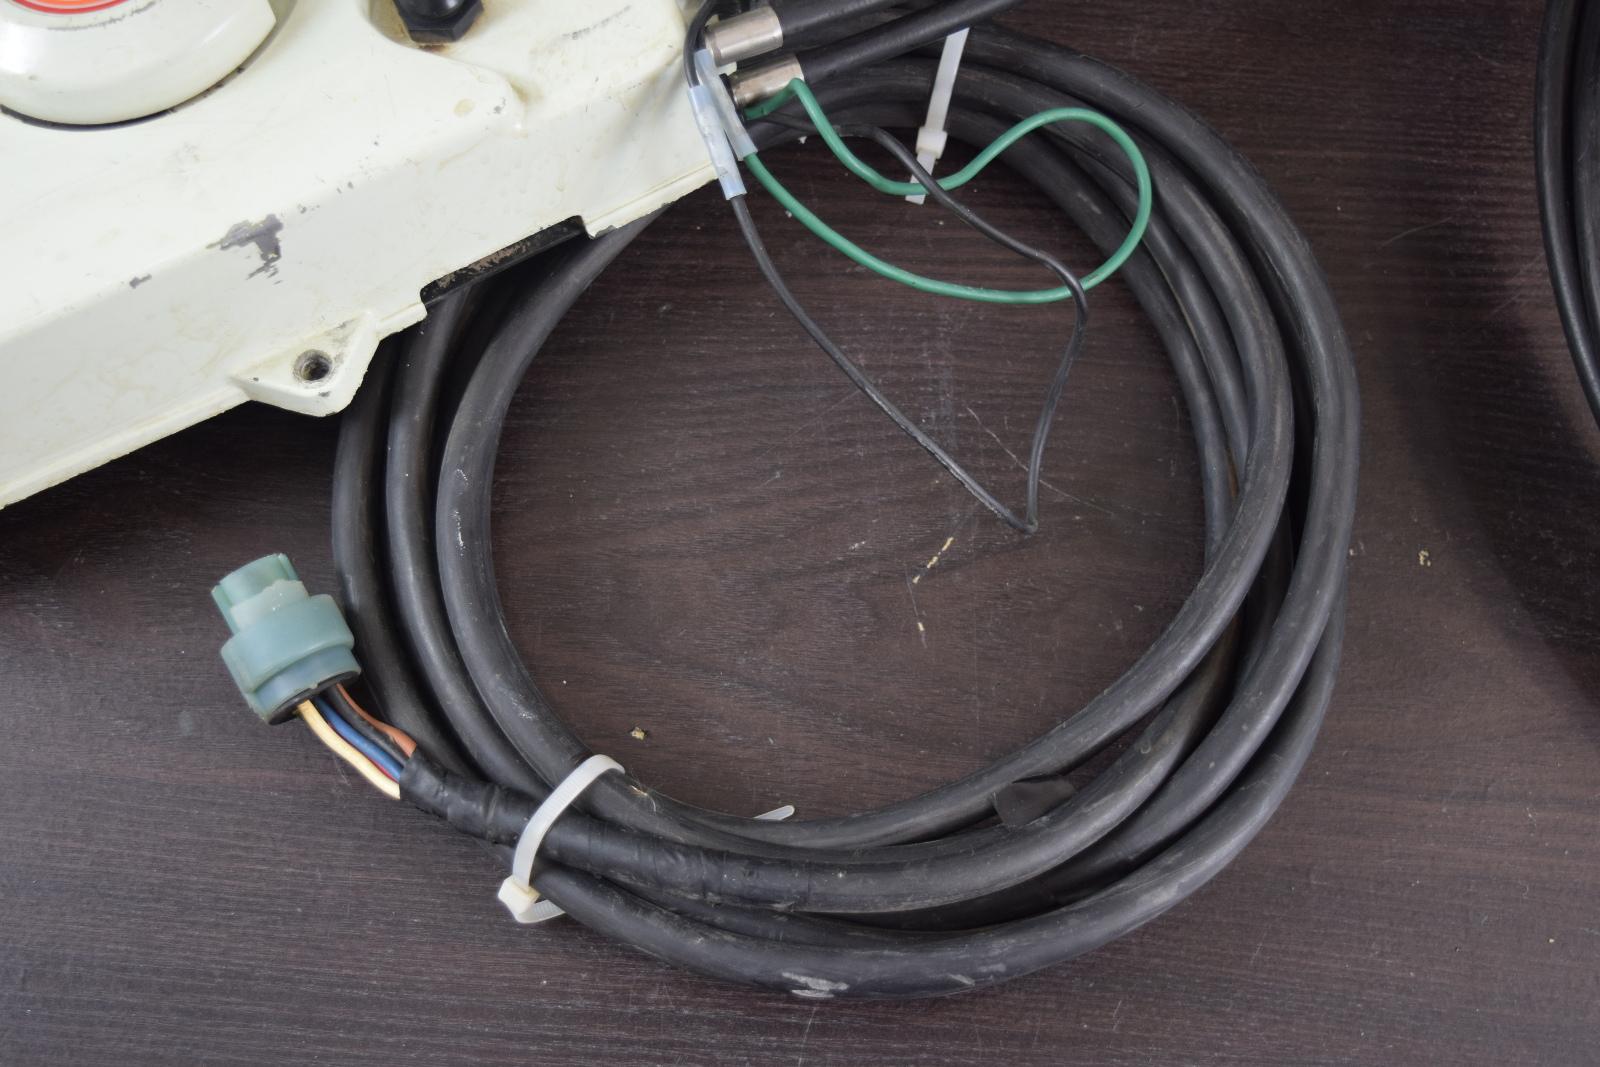 suzuki side mount control box w/ 16' harness, 14' cables,